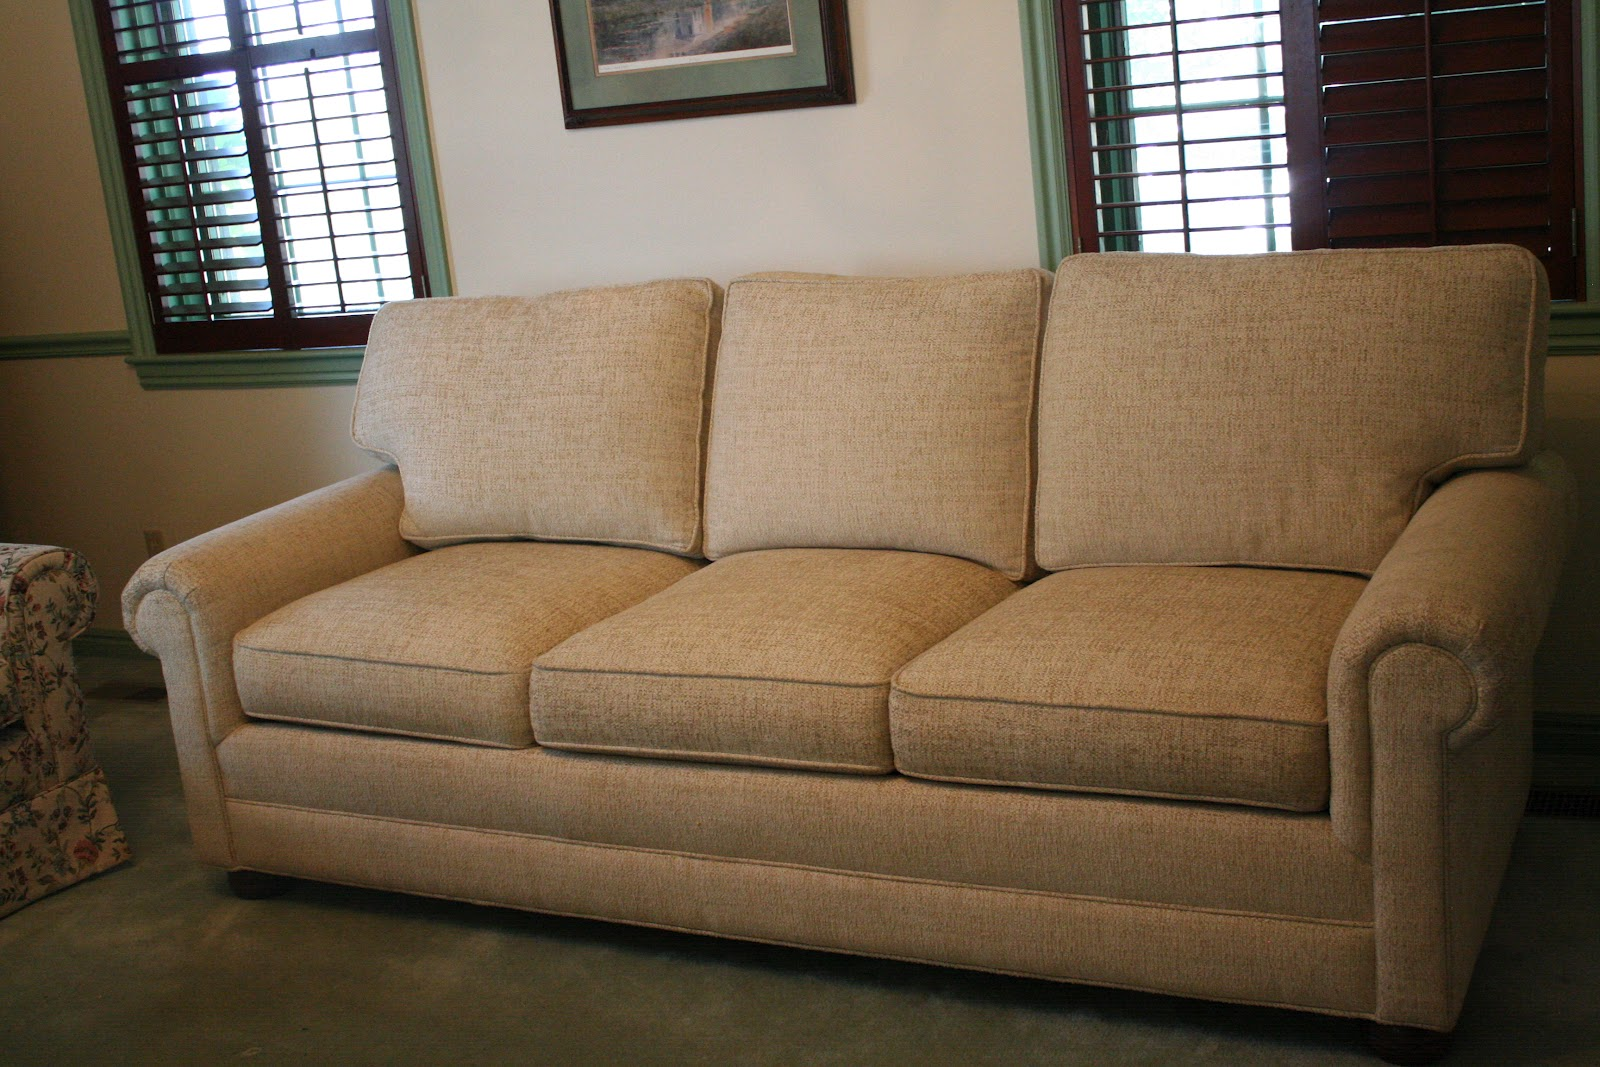 Couch Bunker Safe and Hidden Safe Furniture : BedBunker Safes